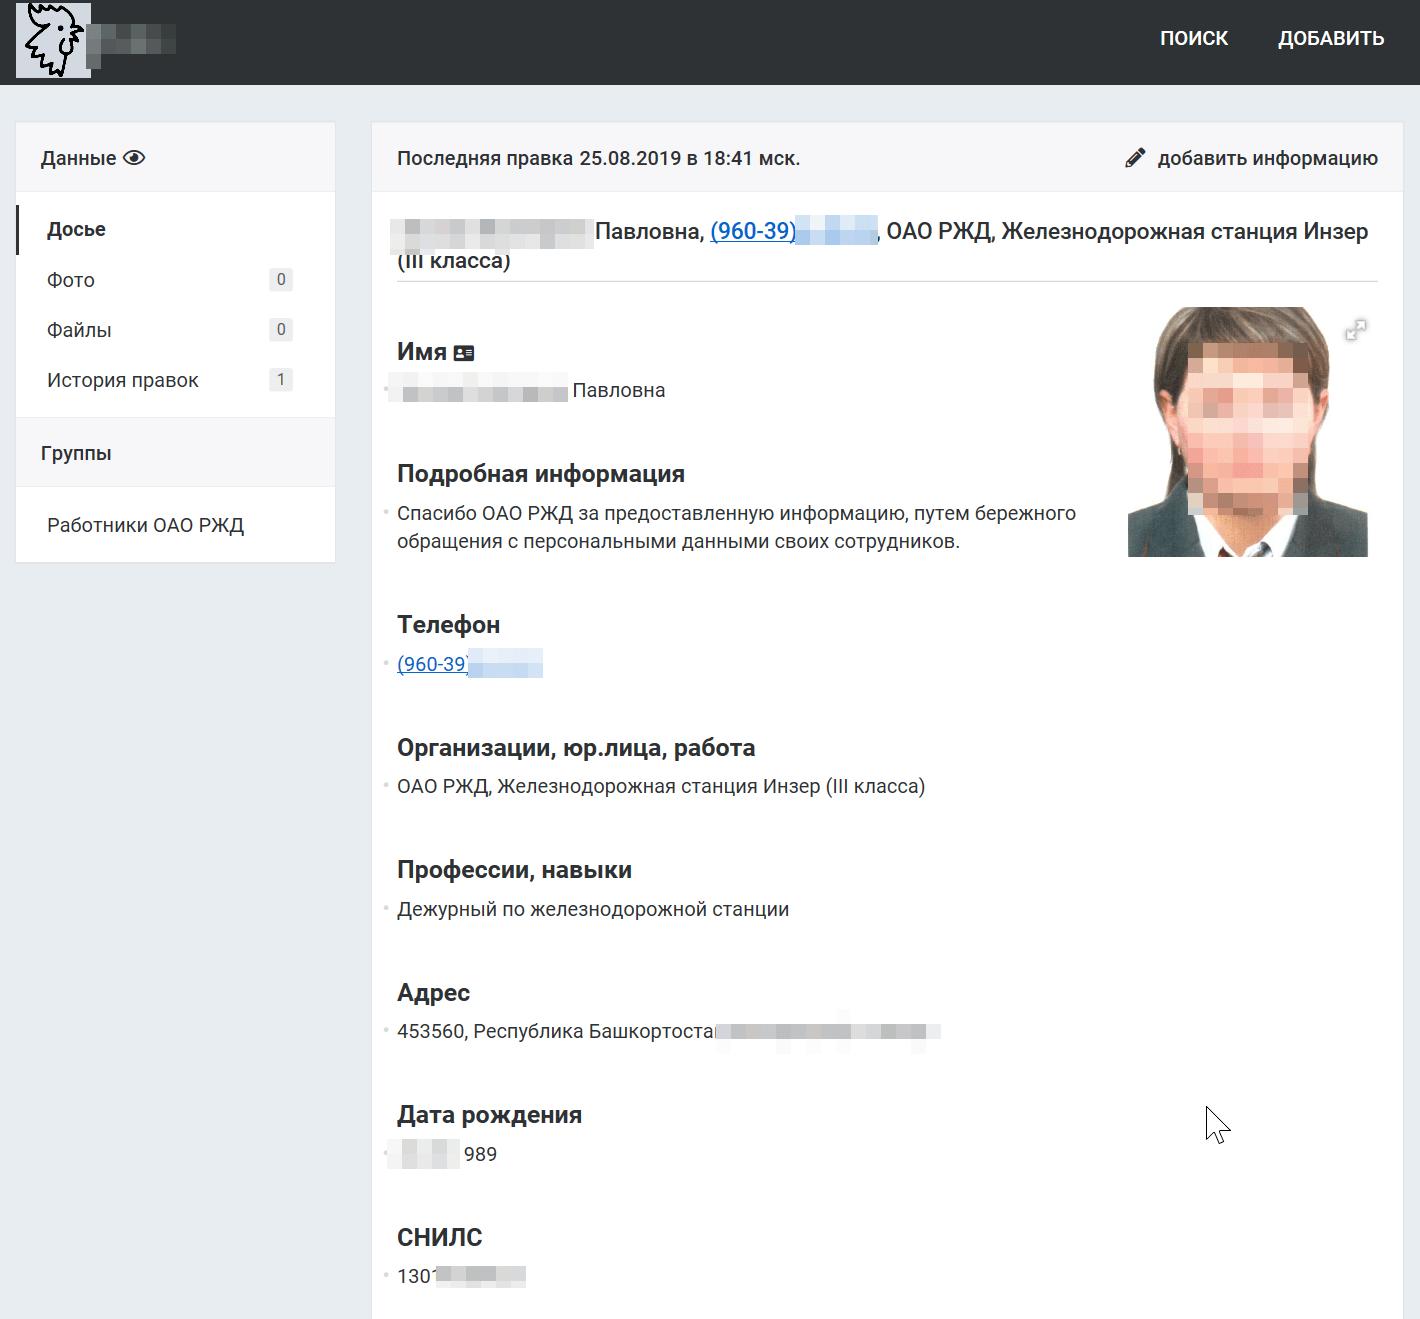 Утечка персональных данных сотрудников РЖД